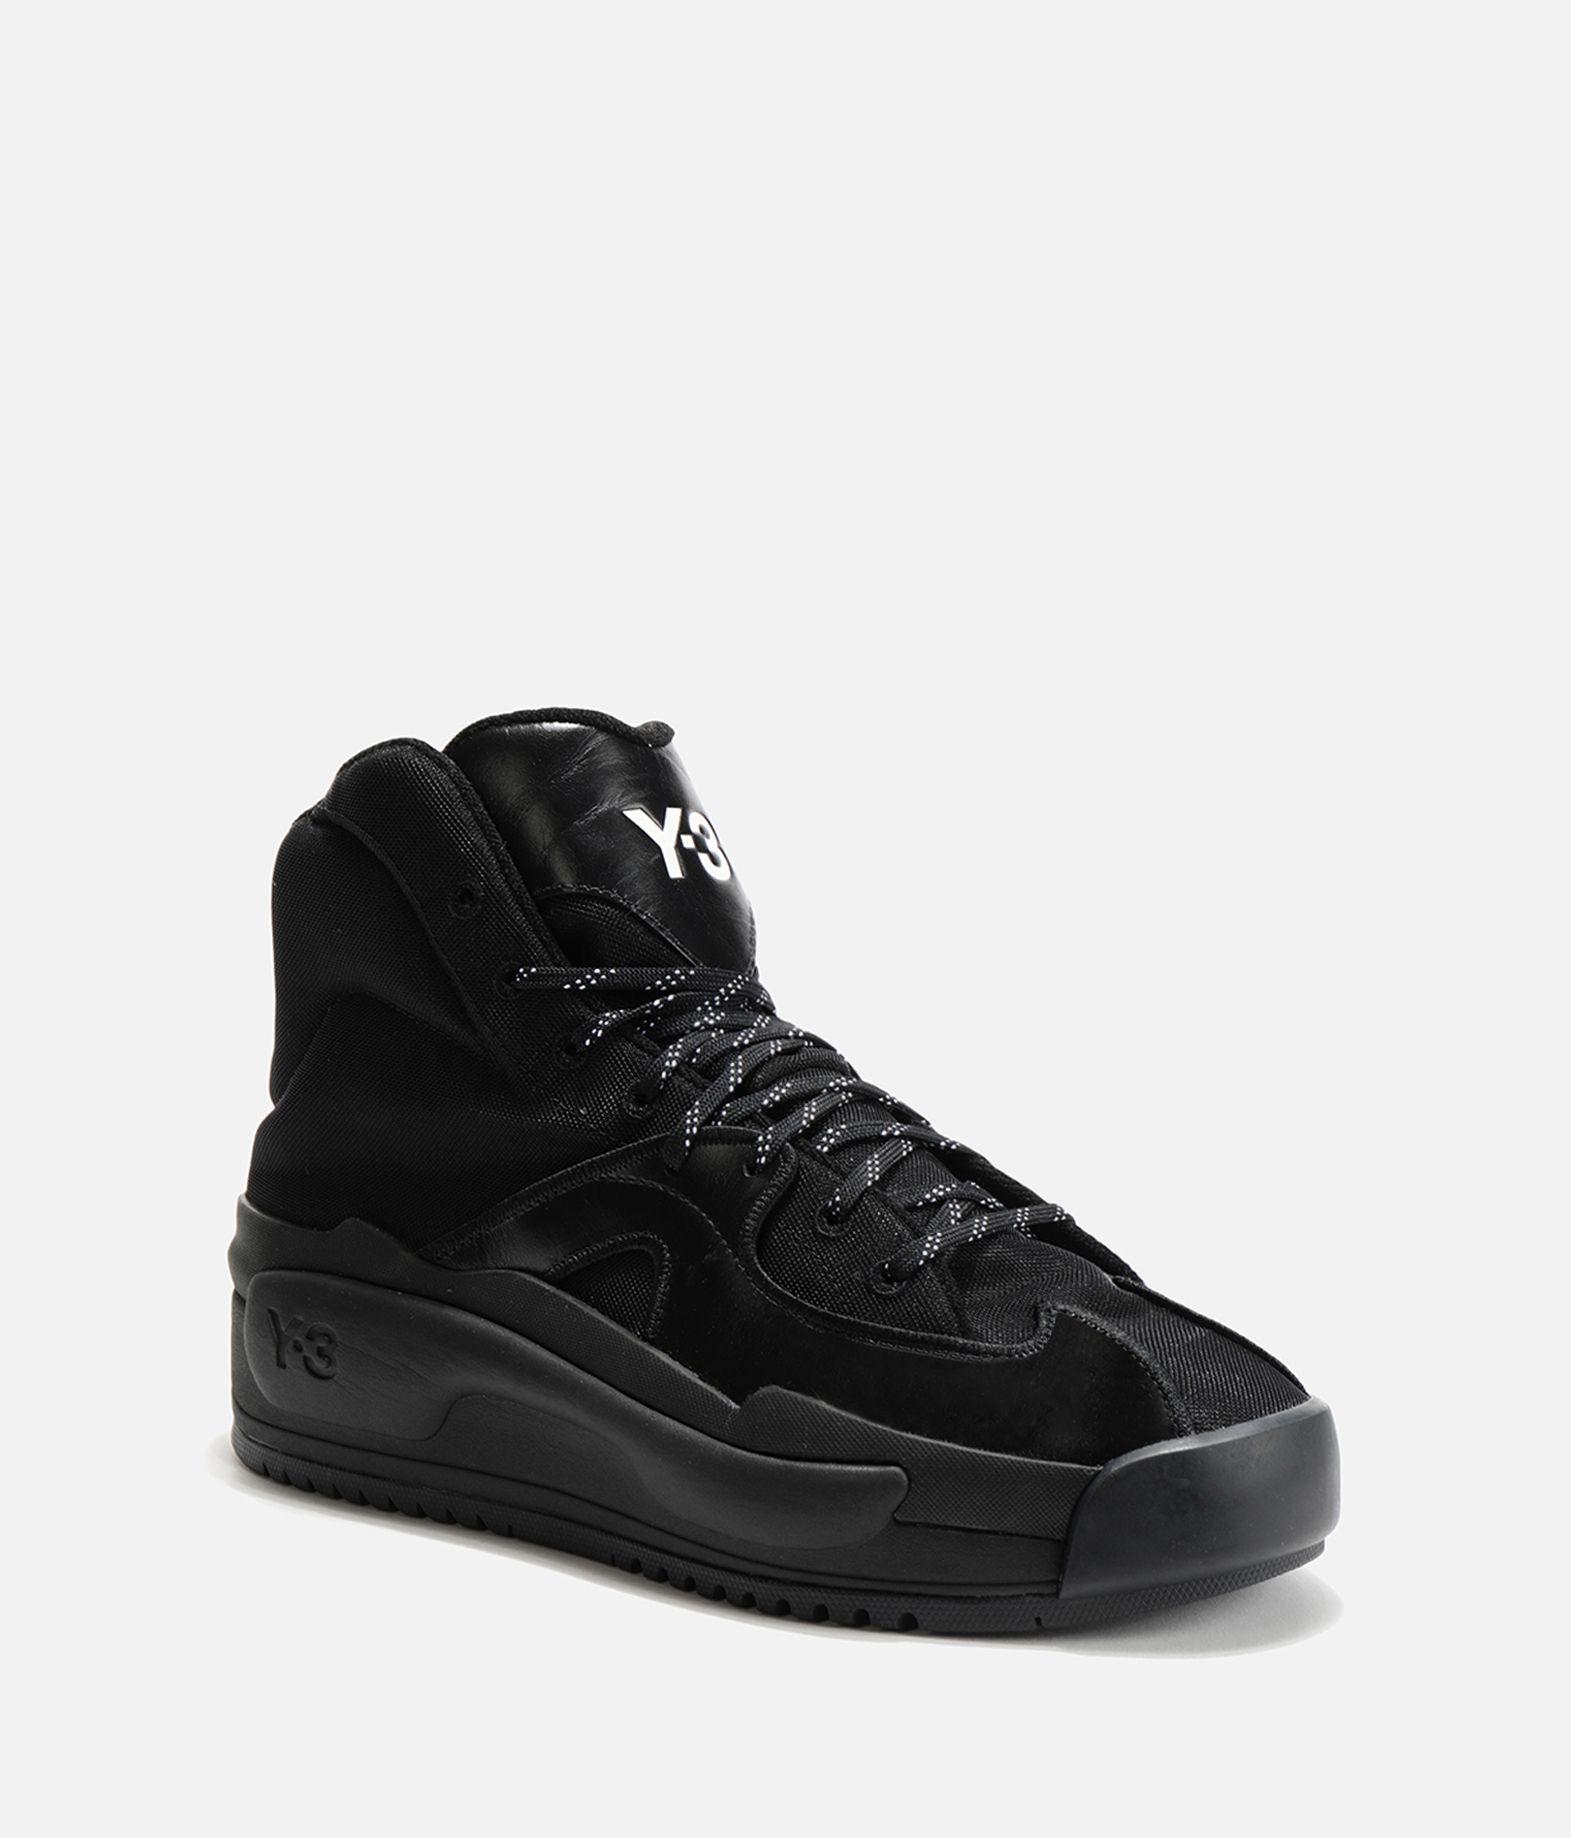 Y-3 Y-3 Hokori Sneakers Woman e